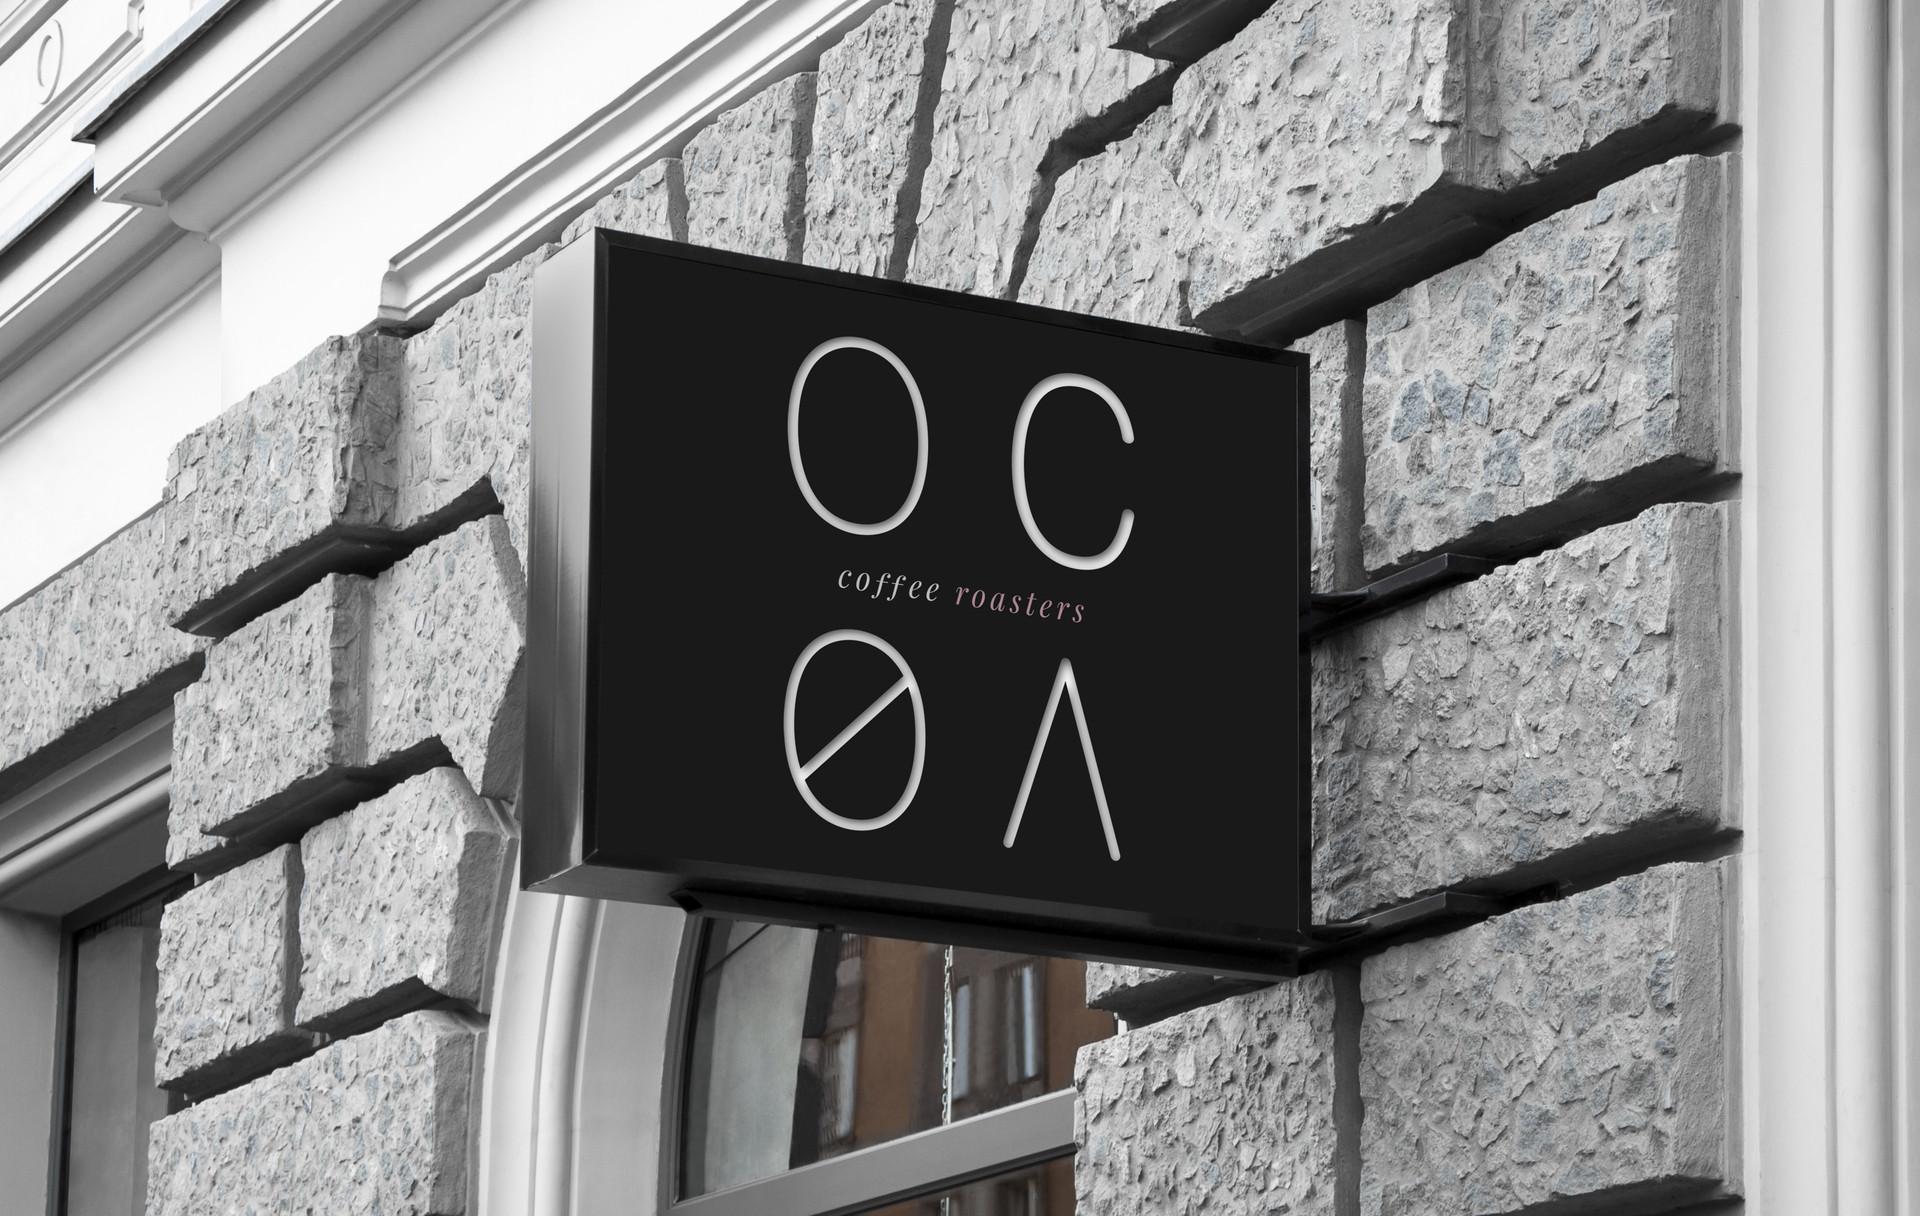 Ocoa Behance sign.jpg